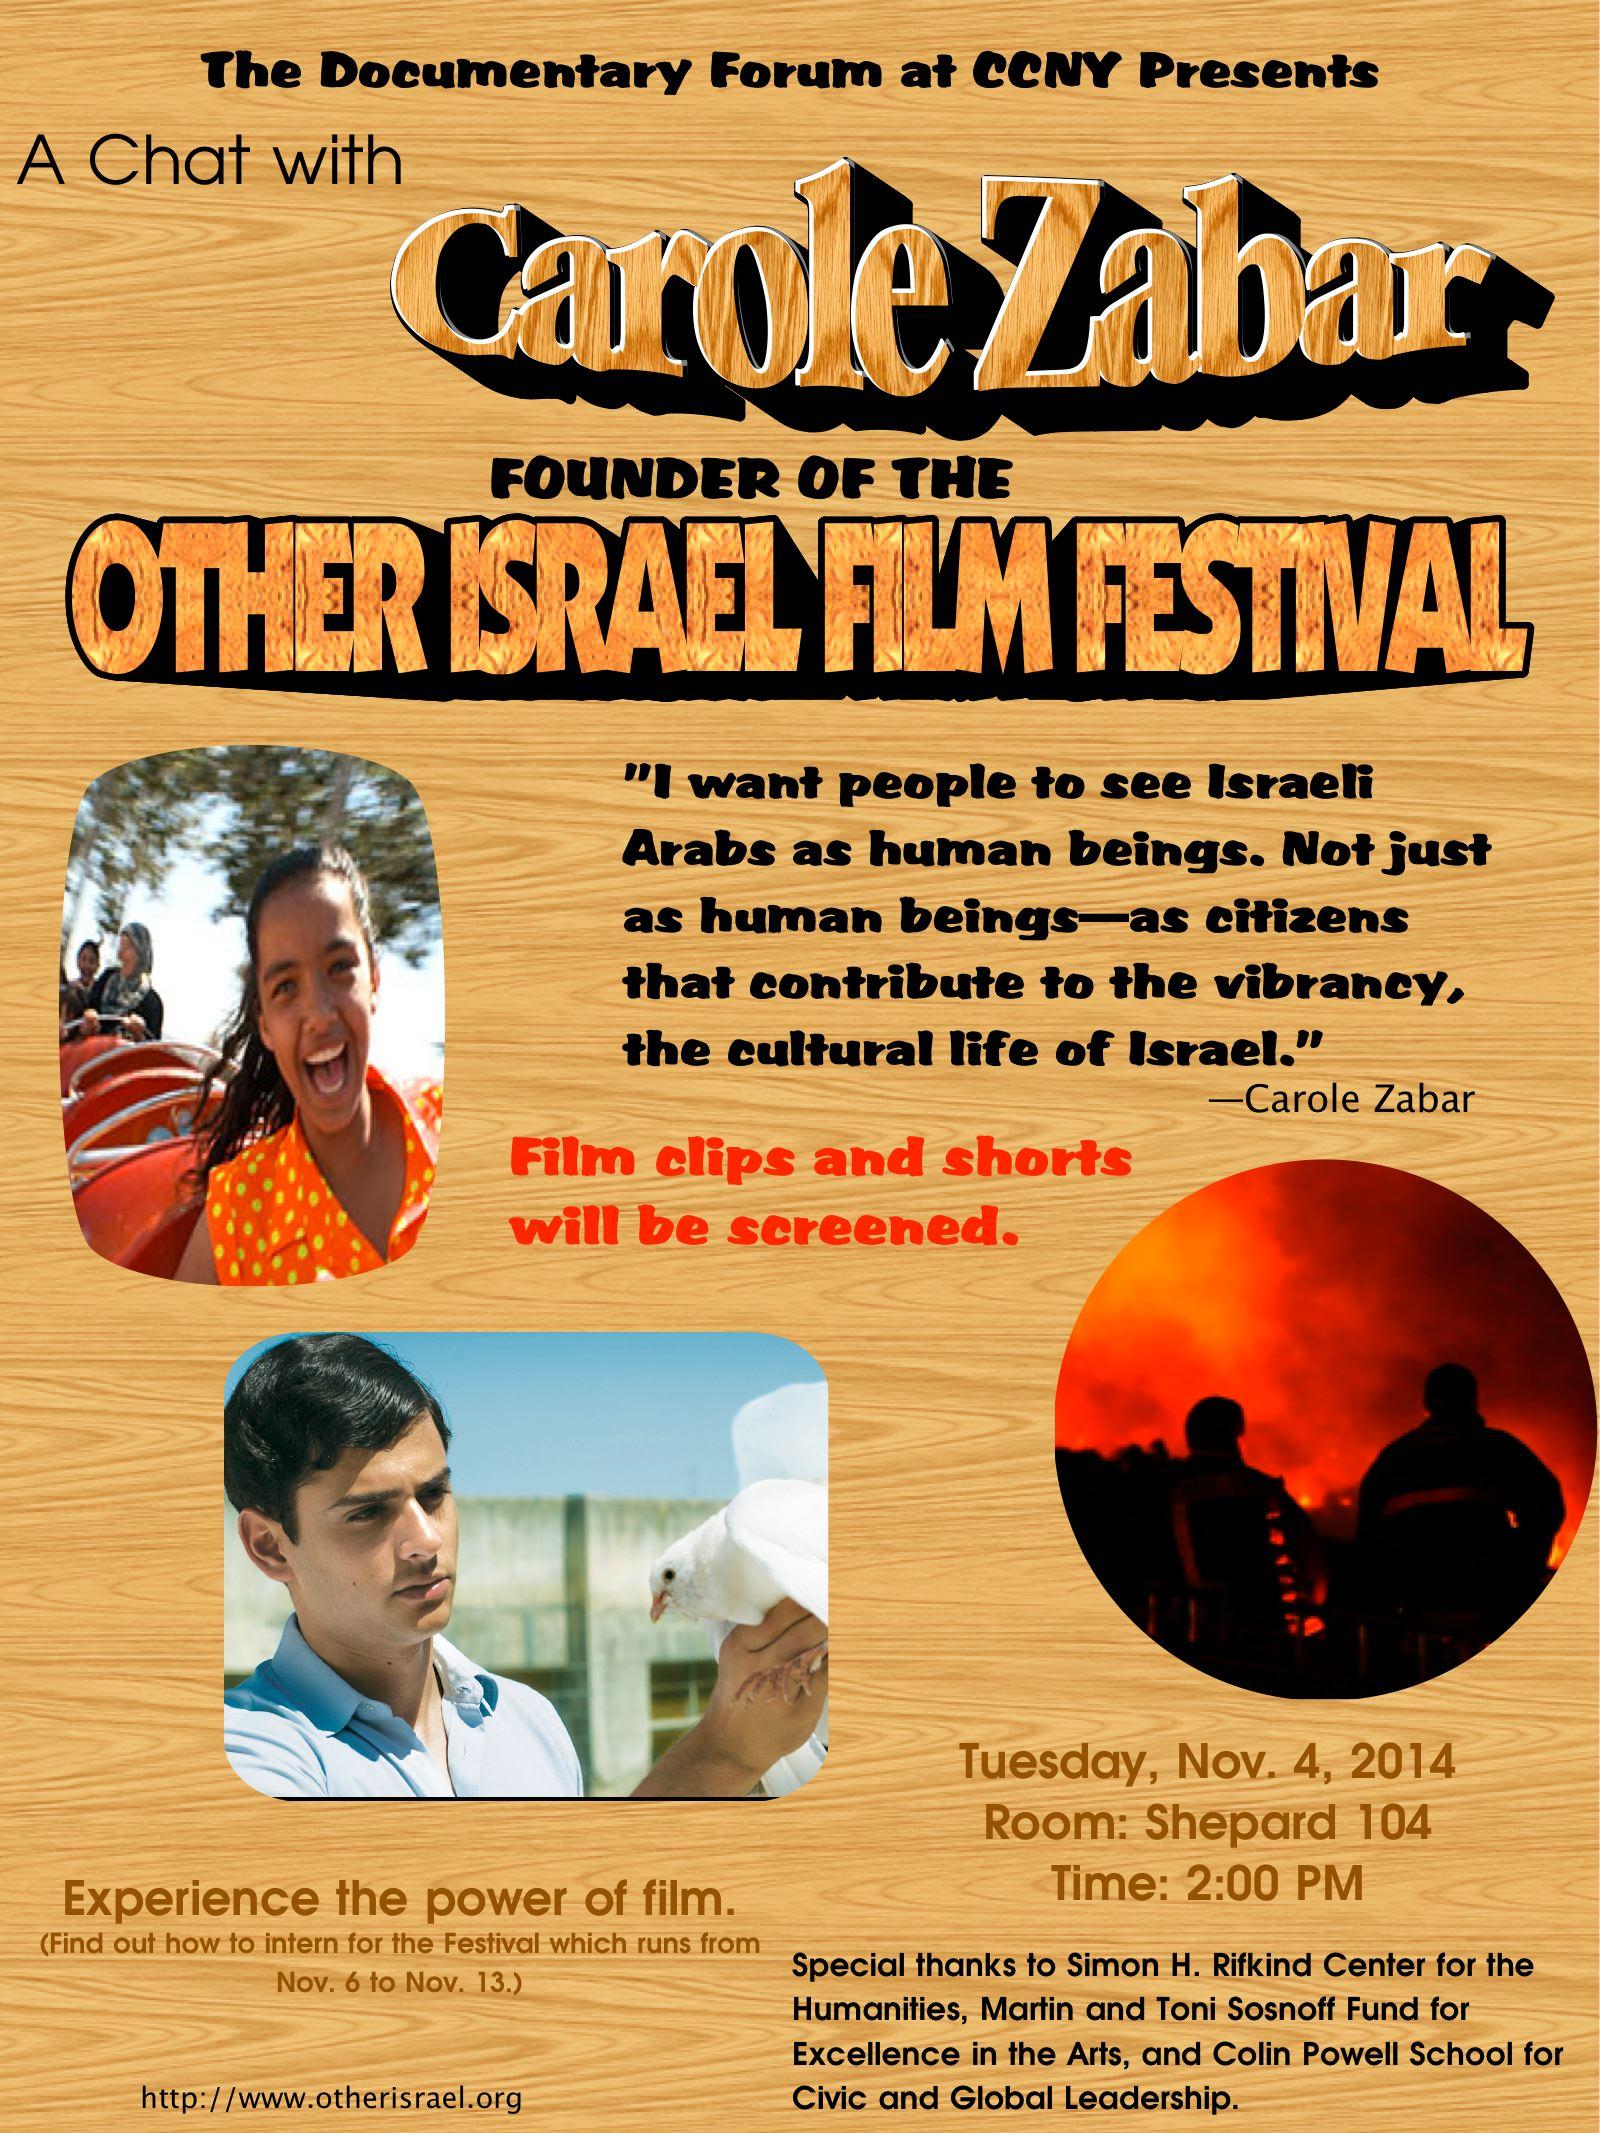 Carole Zabar Other Israel Film Festival 2014